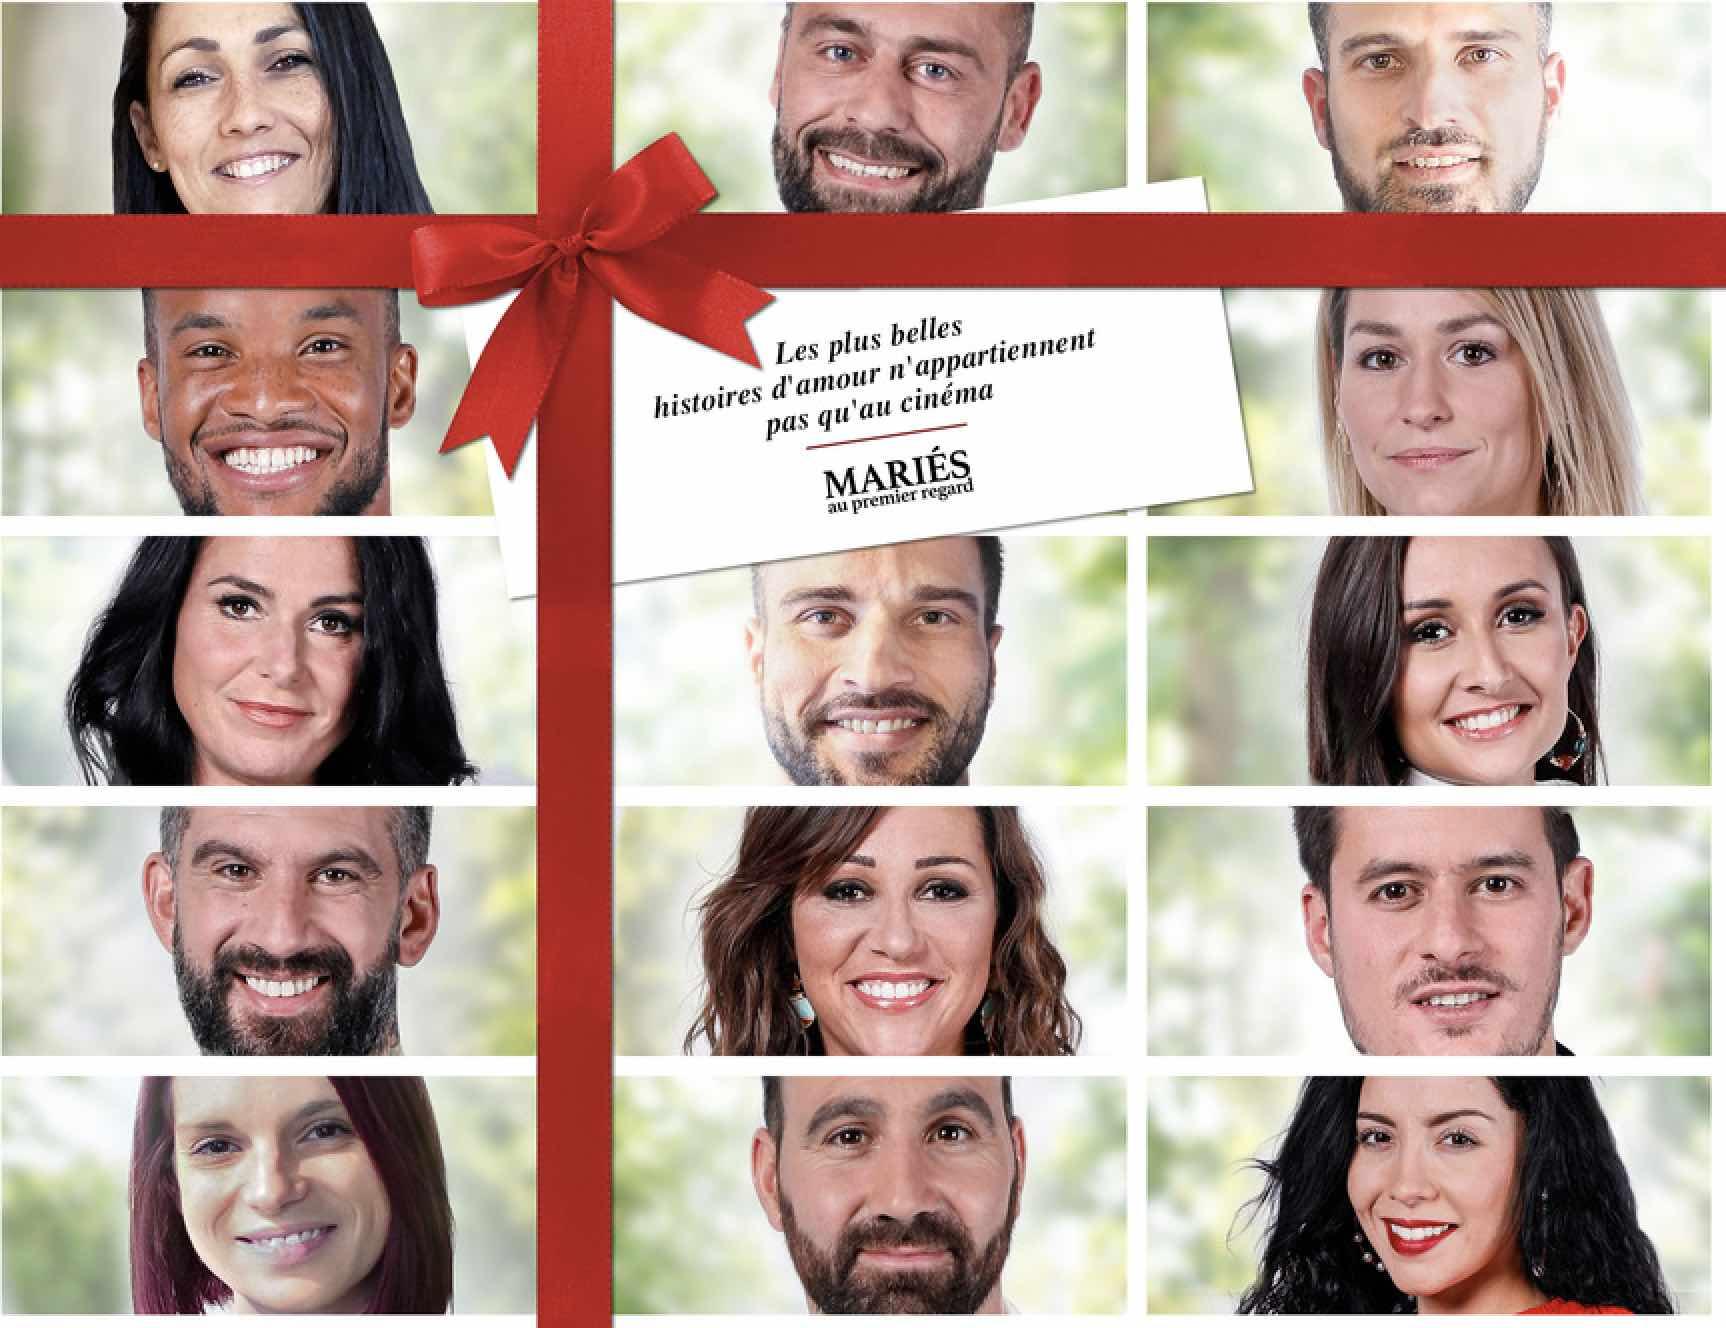 Mariés au premier regard - M6 - saison 5 -